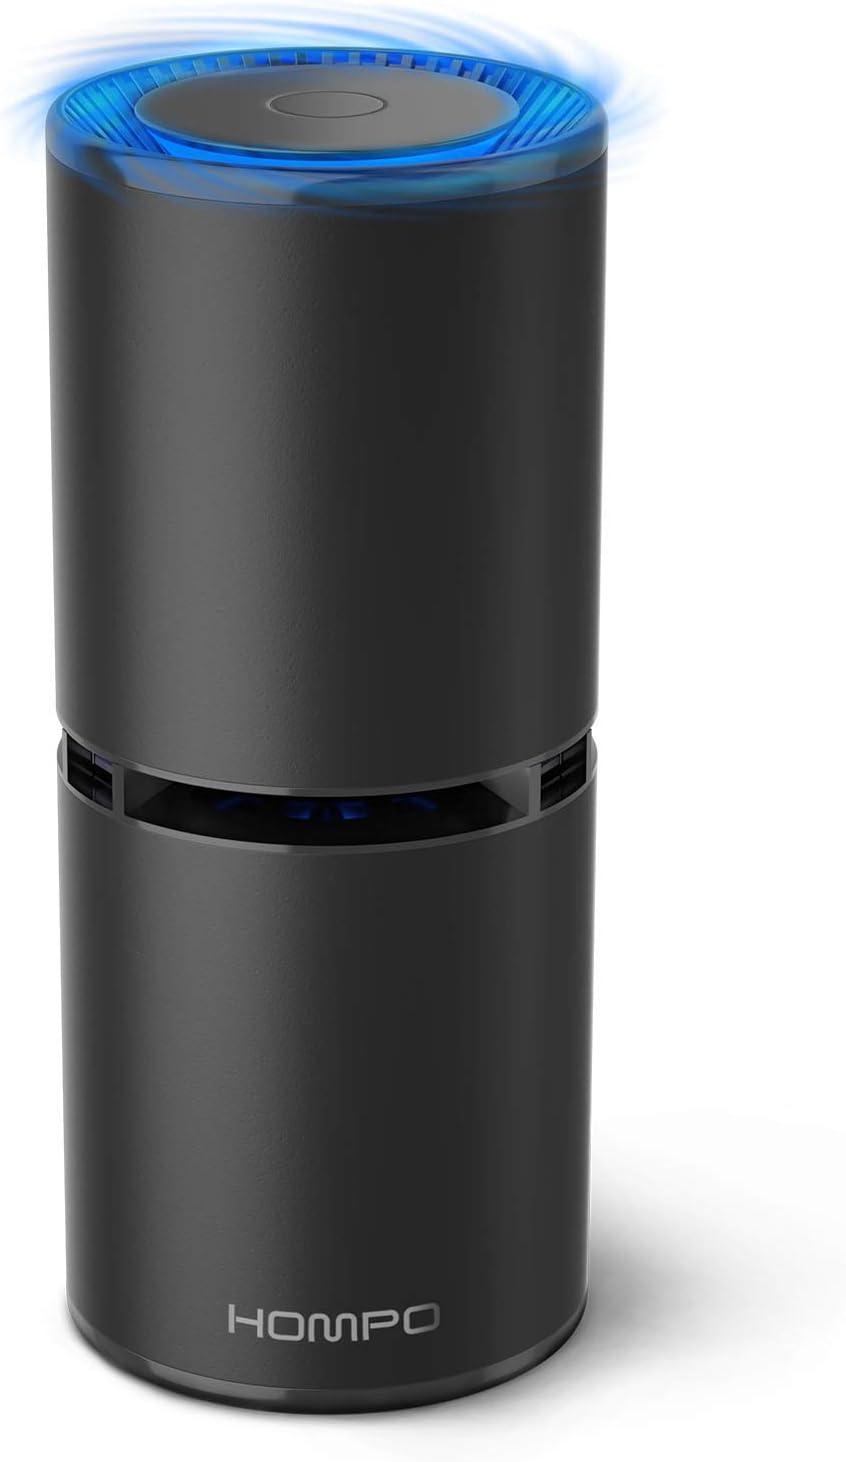 HOMPO Portátil Purificador de Aire - Filtro de Aire Ionizador Compacto Generador de Iones Negativos, sin Necesidad de Filtro, para Auto hogar Oficina Eliminar el Humo Polvo PM2,5 alergias gérmenes